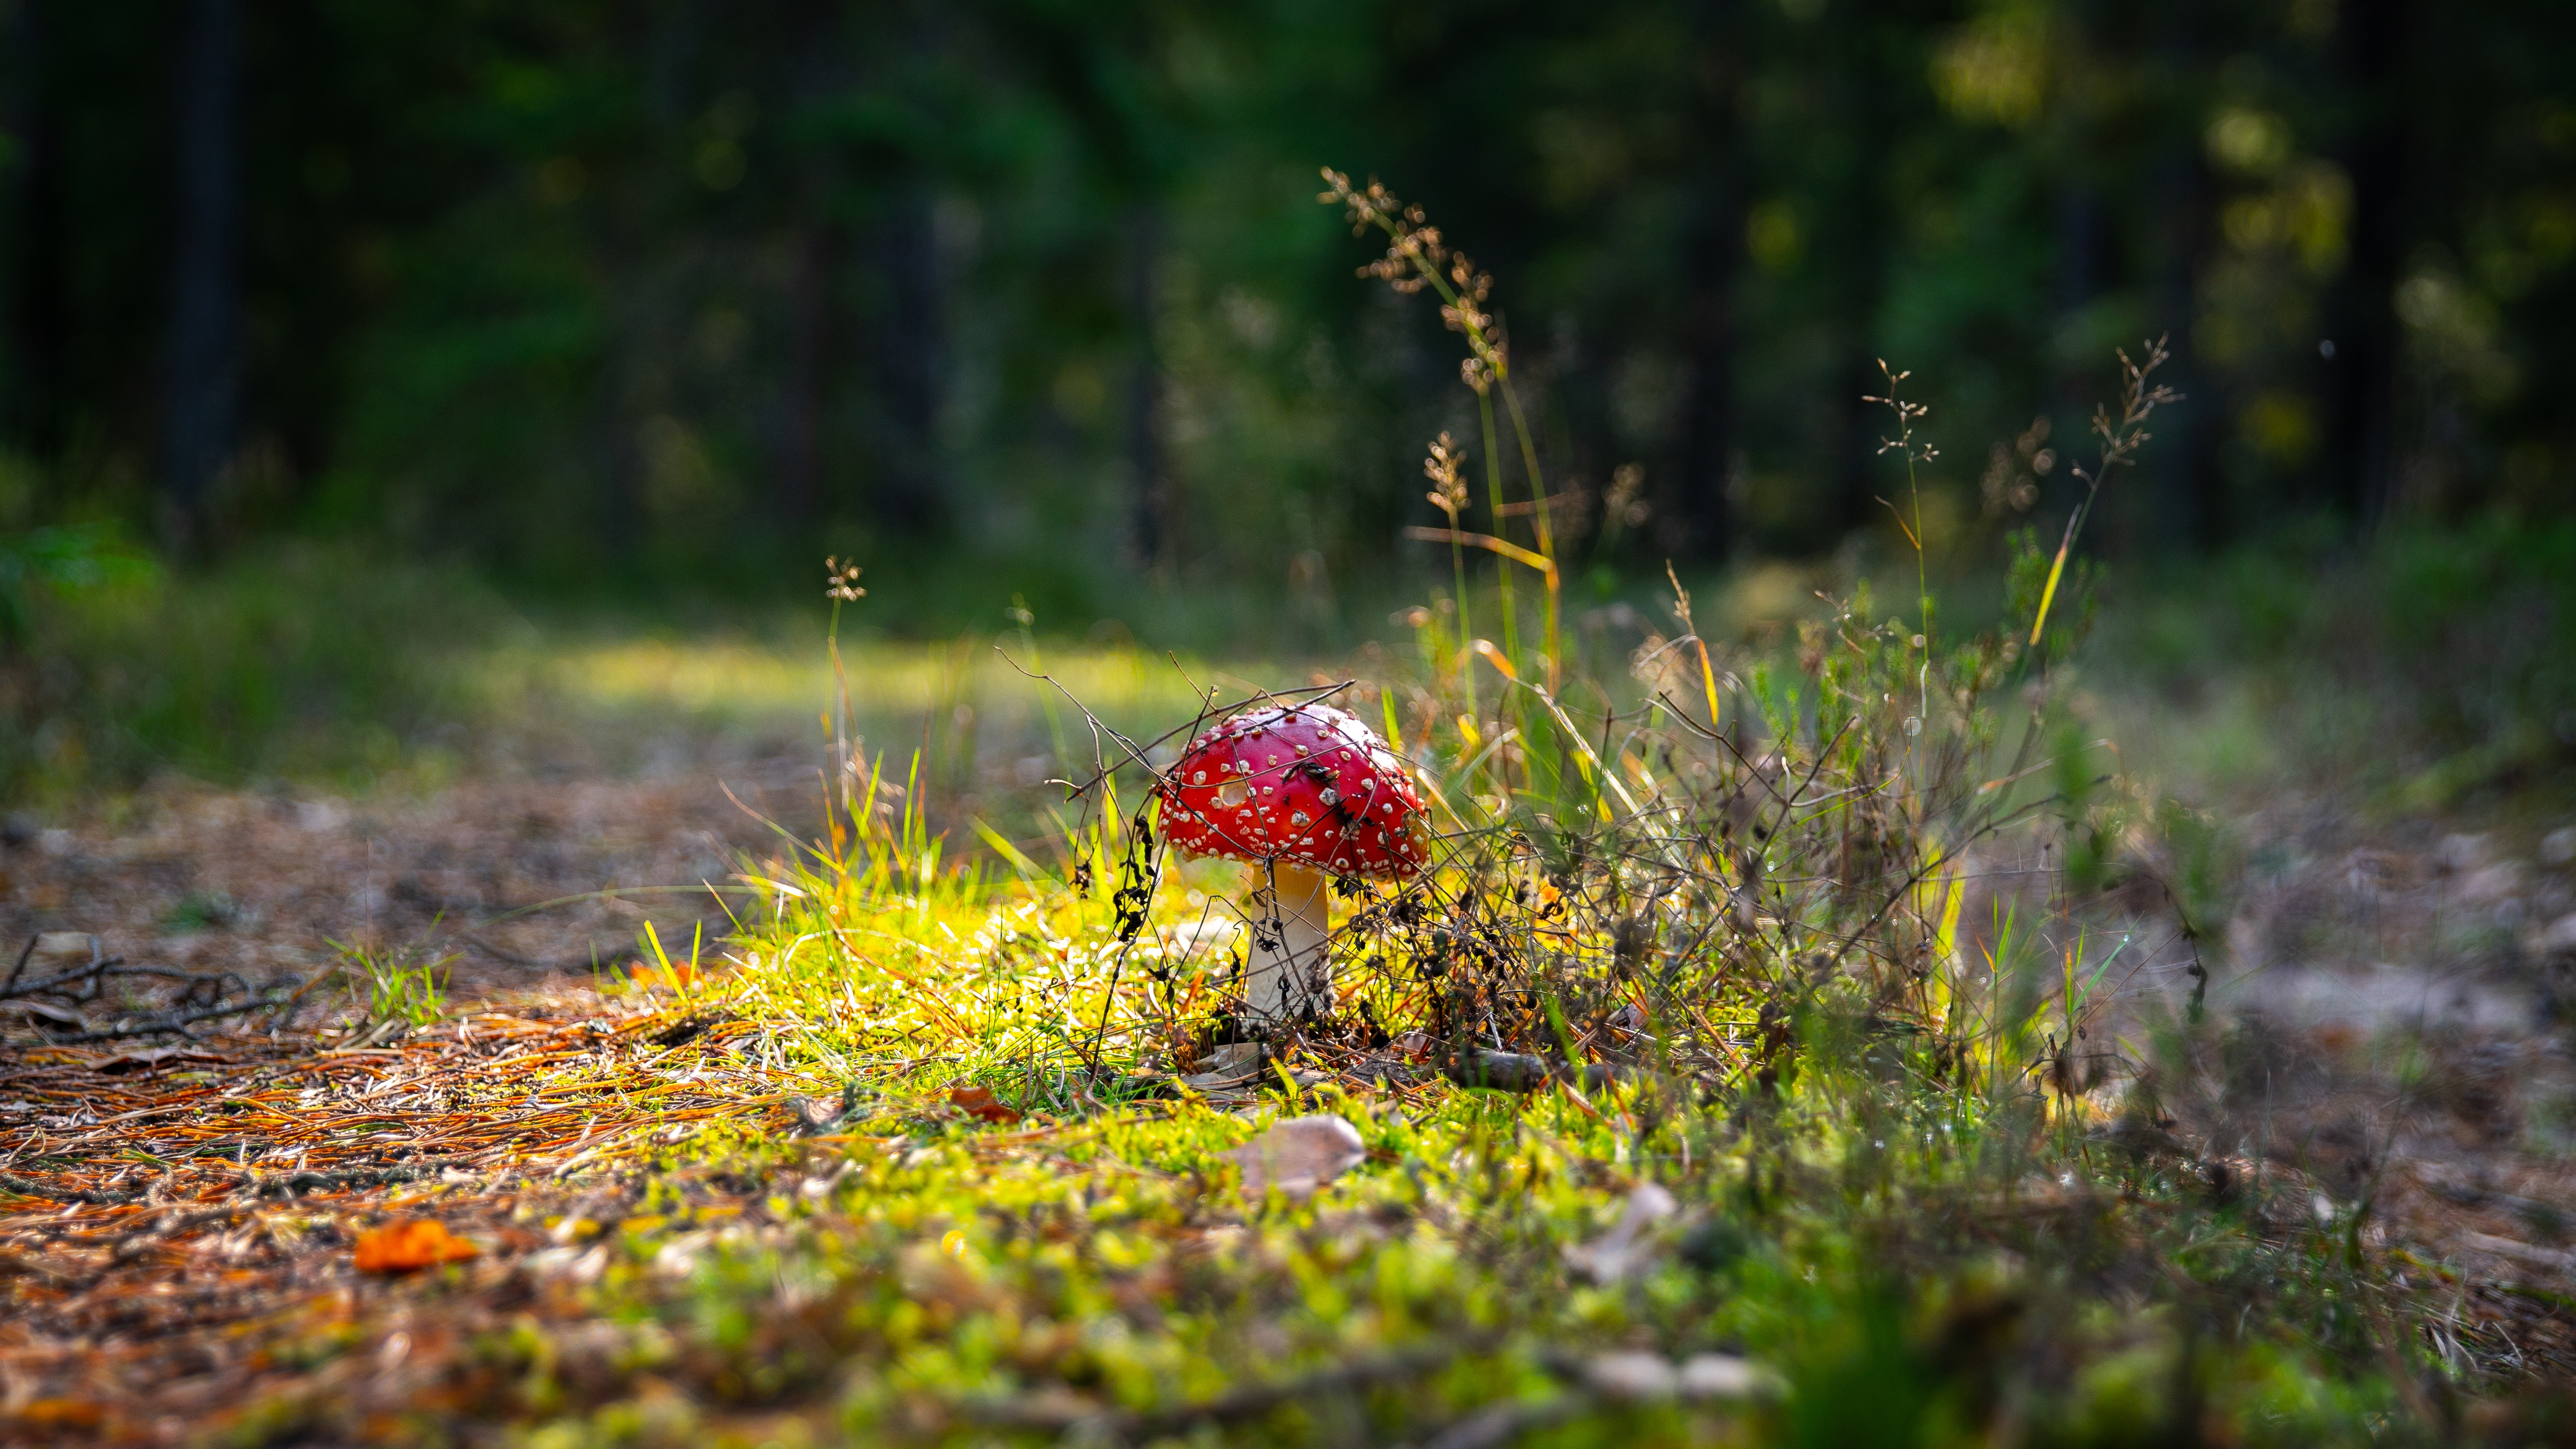 115398 Hintergrundbild herunterladen Herbst, Natur, Grass, Wald, Pilz, Fliegenpilz, Fliegen Agaric - Bildschirmschoner und Bilder kostenlos